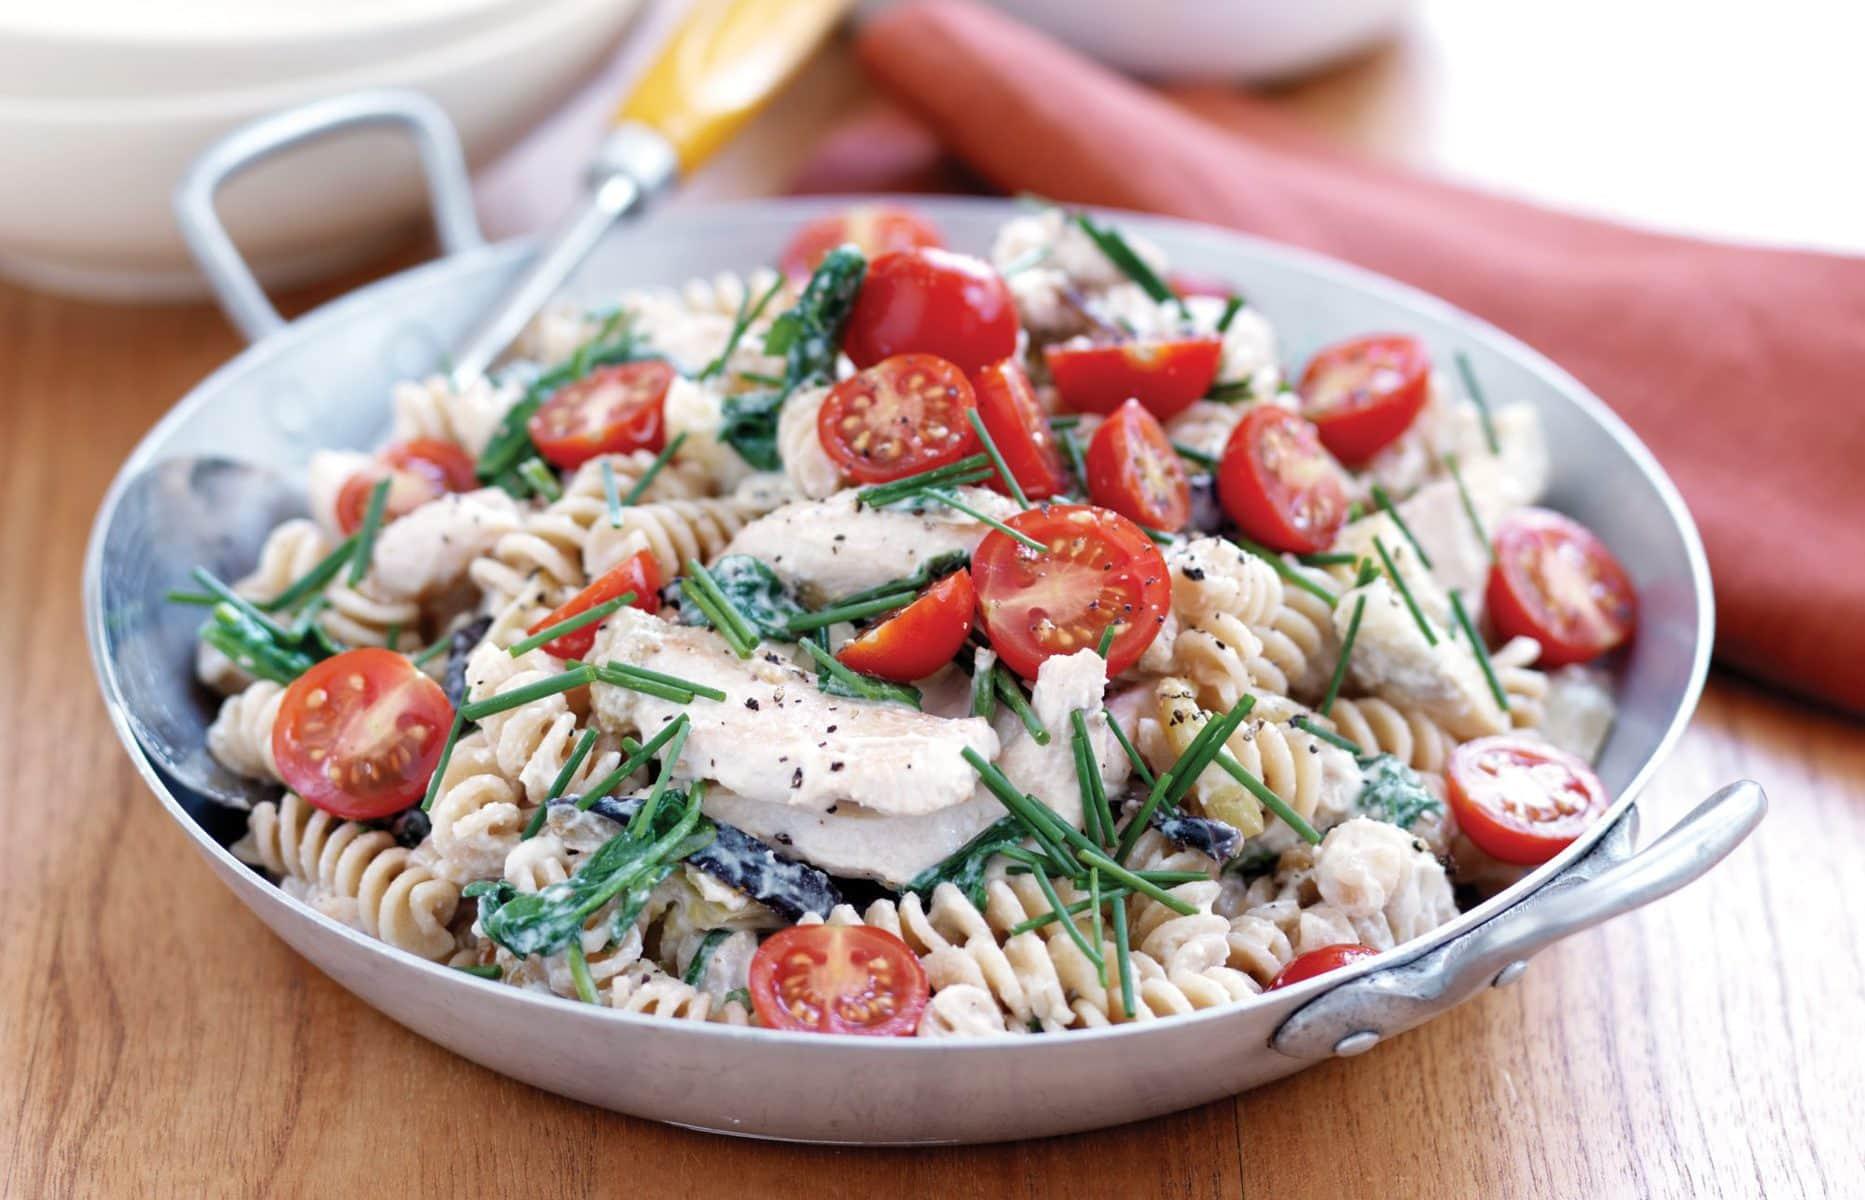 Chicken and artichoke pasta